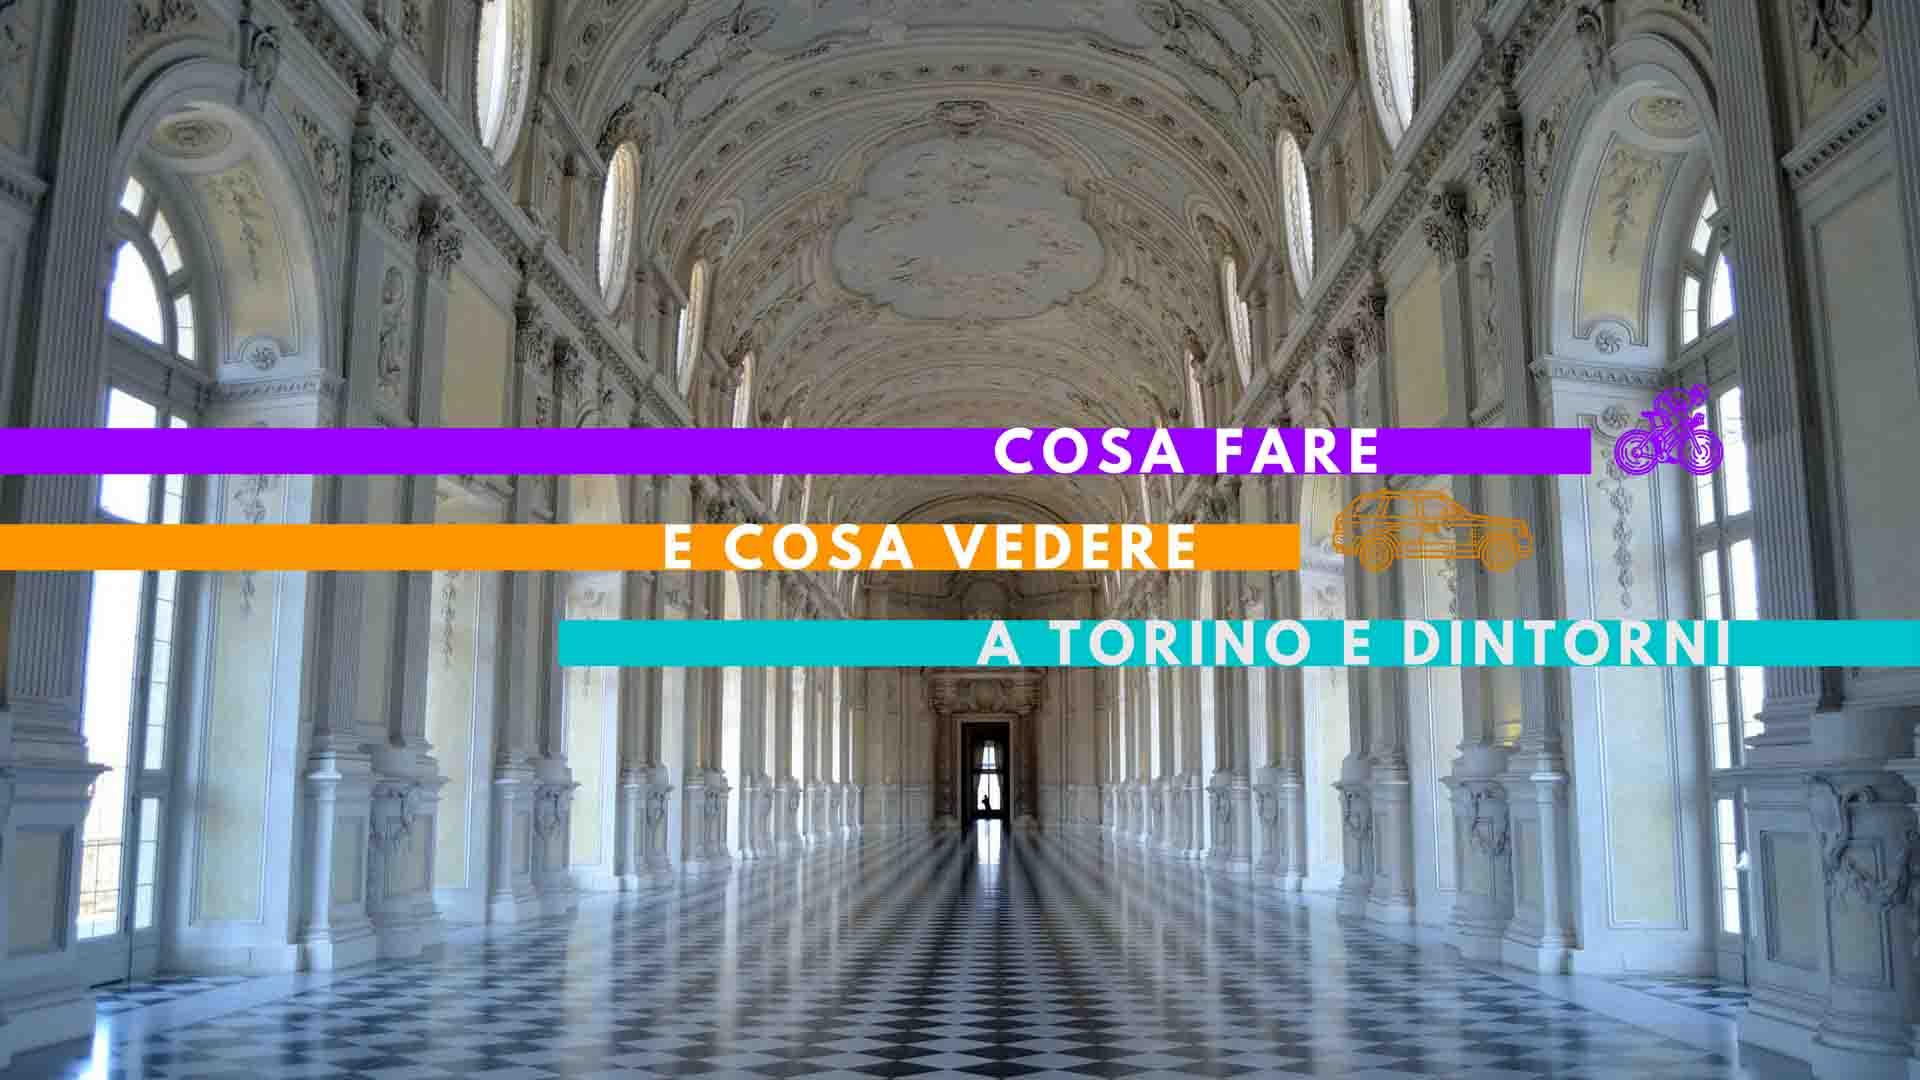 Cosa fare e cosa vedere a Torino e dintorni